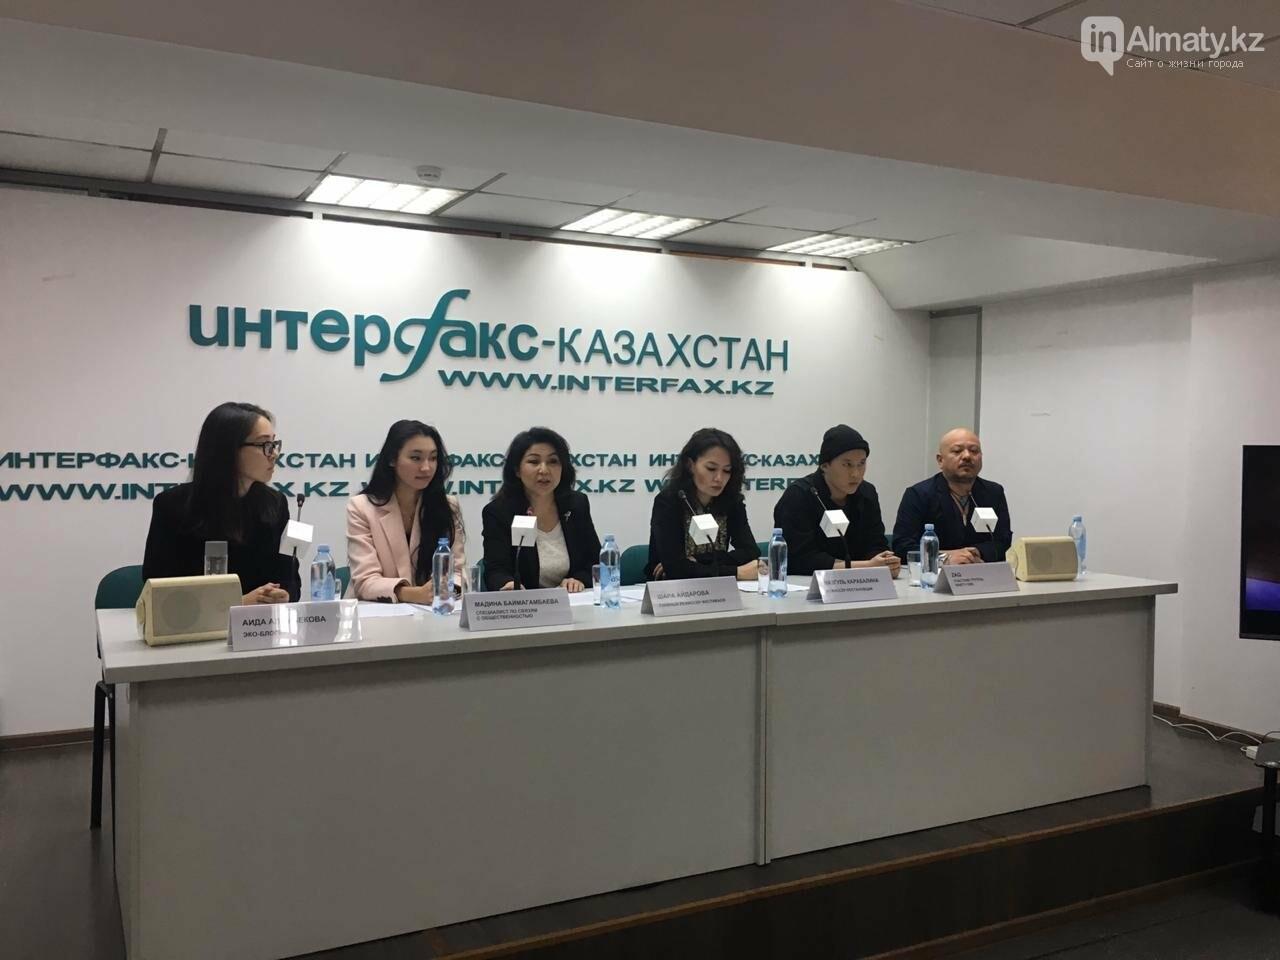 Фестиваль Star of Asia Almaty.kz будут транслировать в 118 странах, фото-1